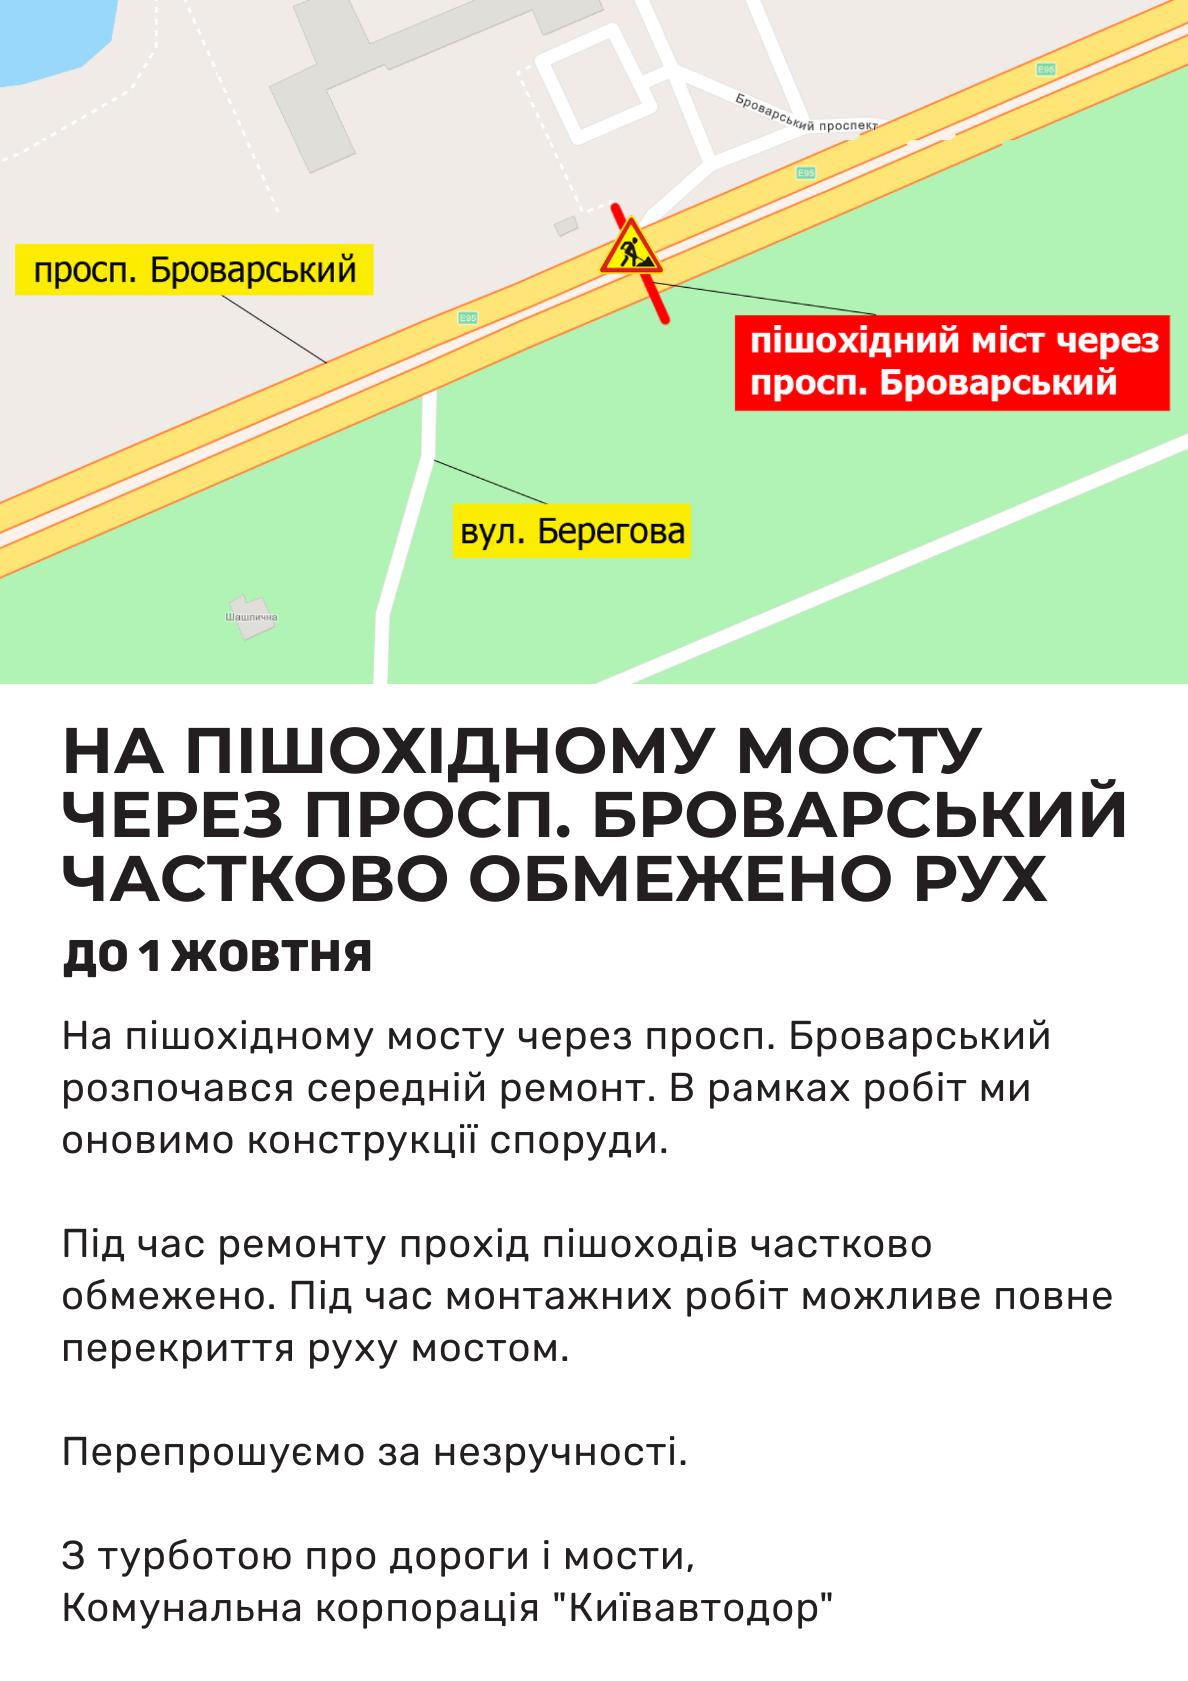 В Киеве на два месяца закроют пешеходный мост через Броварской проспект , фото-1, Схема Киевавтодора